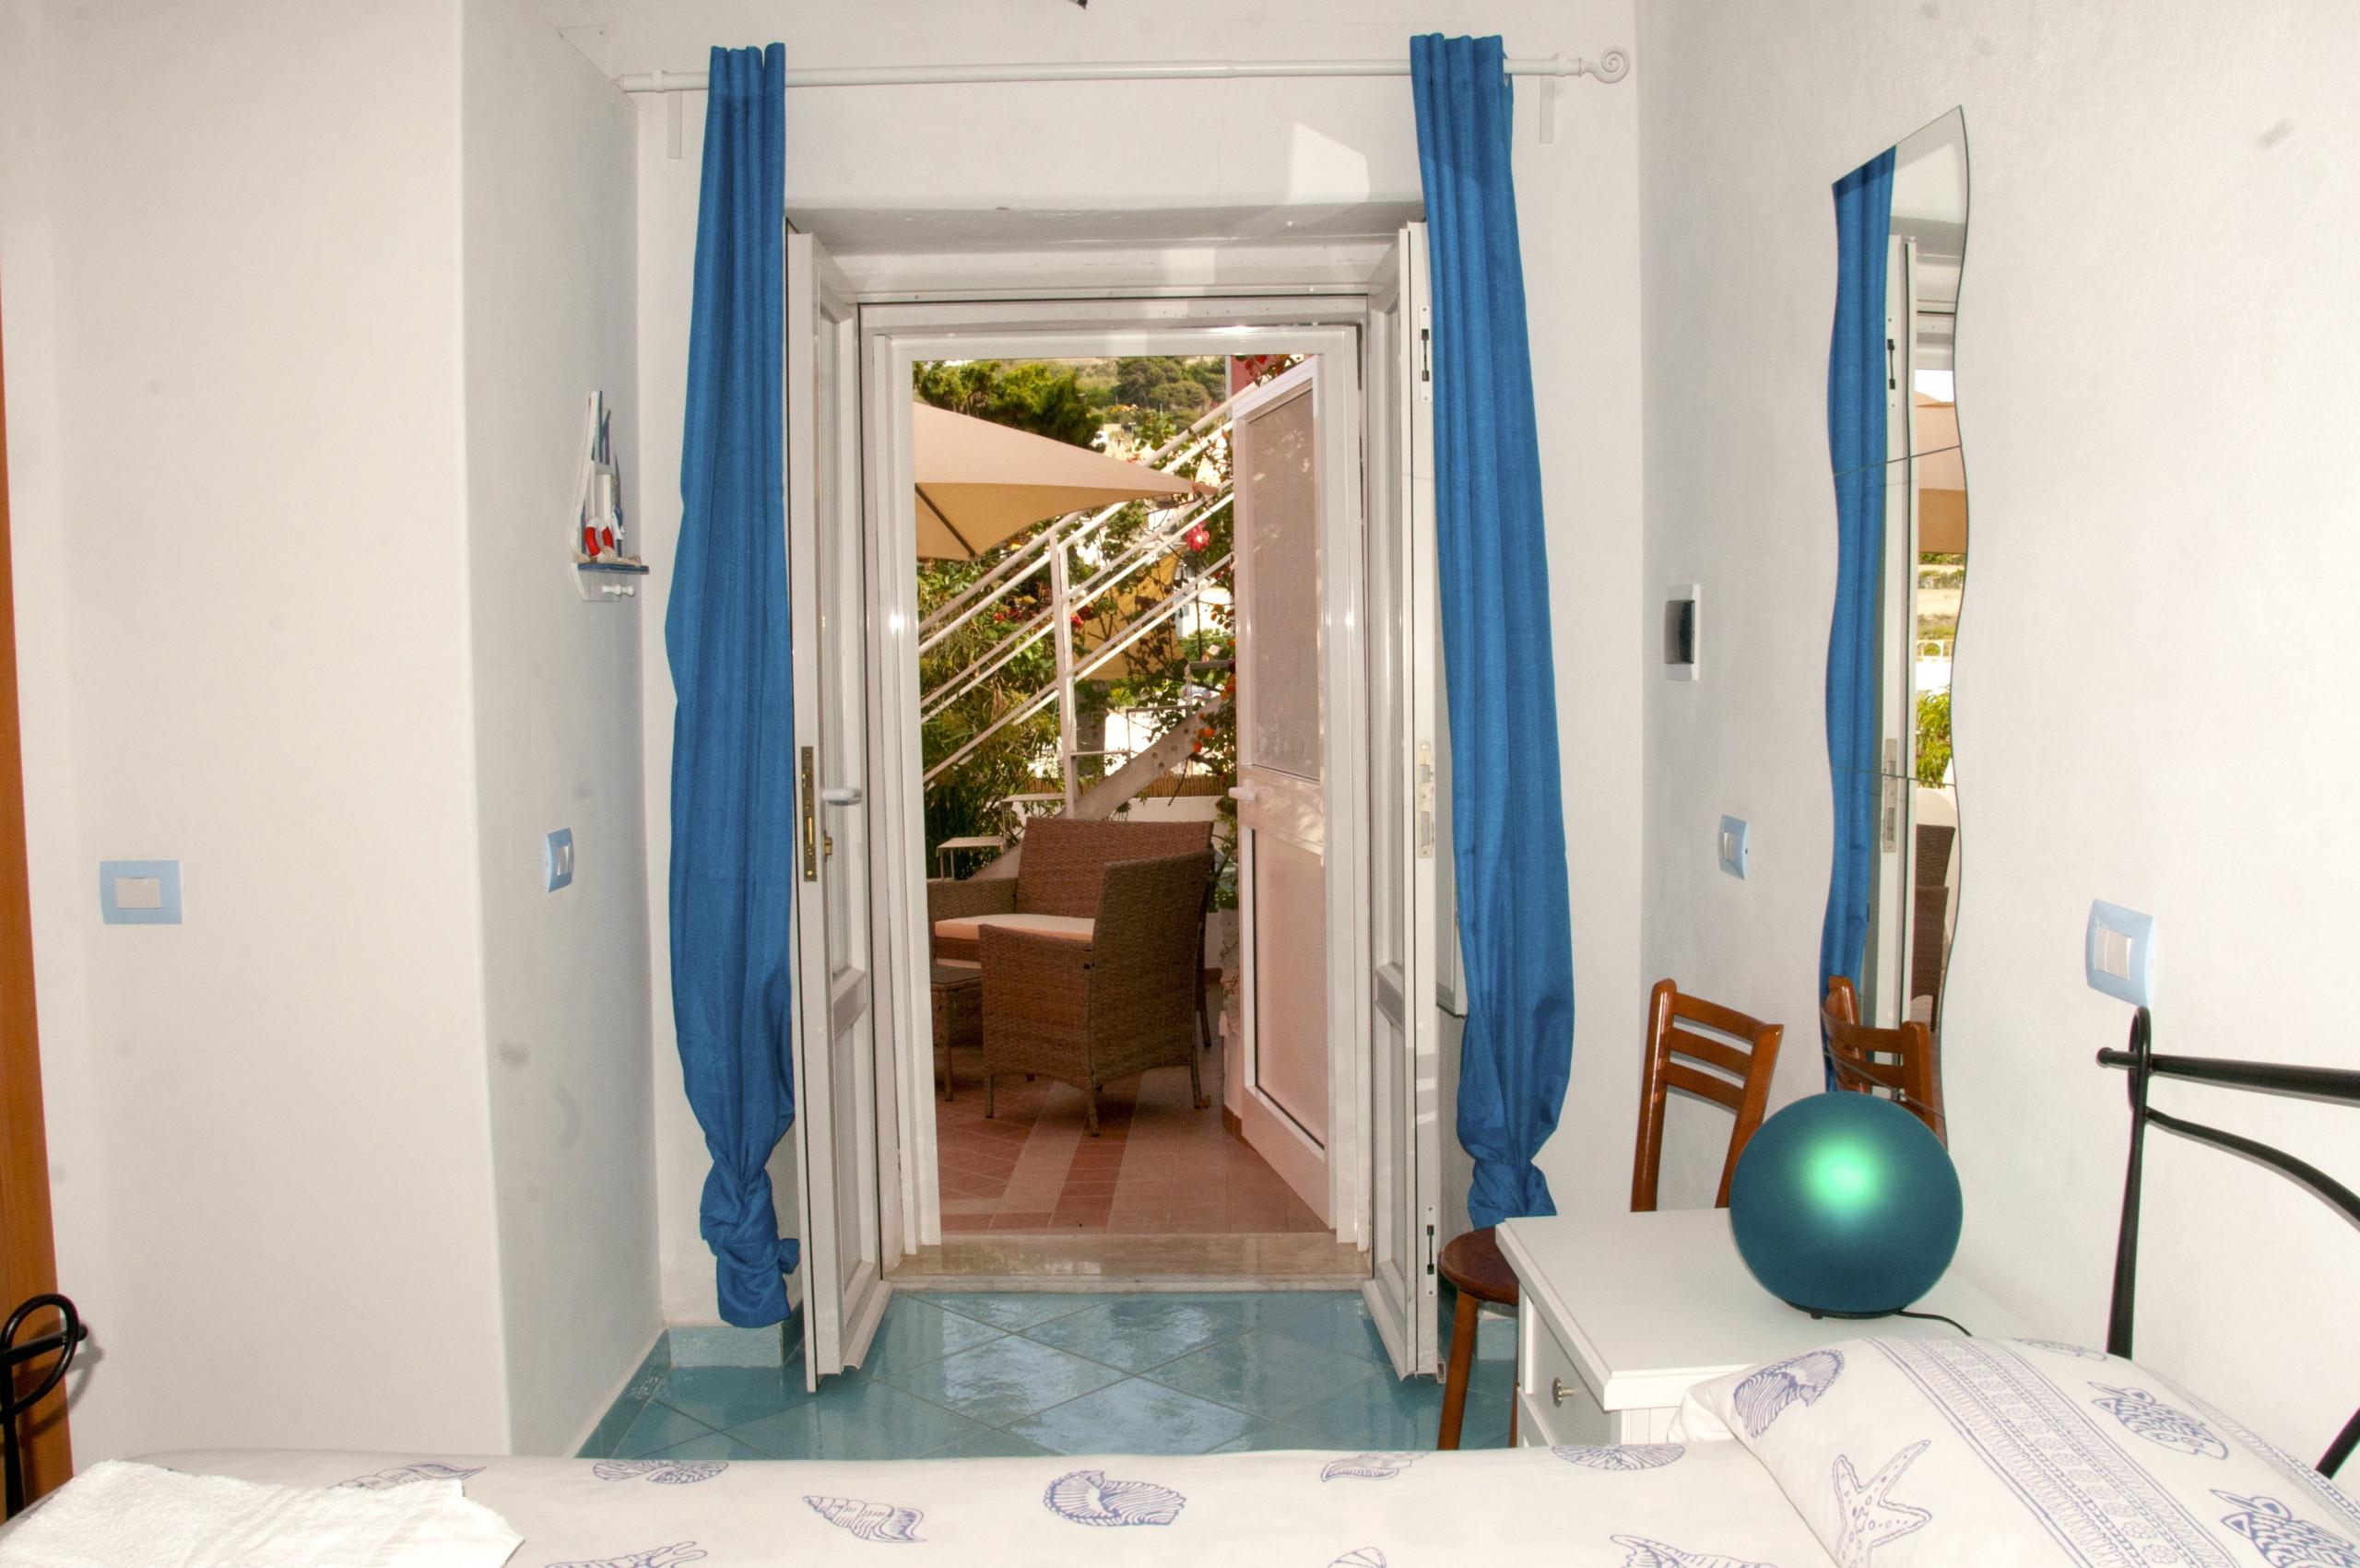 Affitto per camere in ponza da laura quadrupla blu for Camere affitto